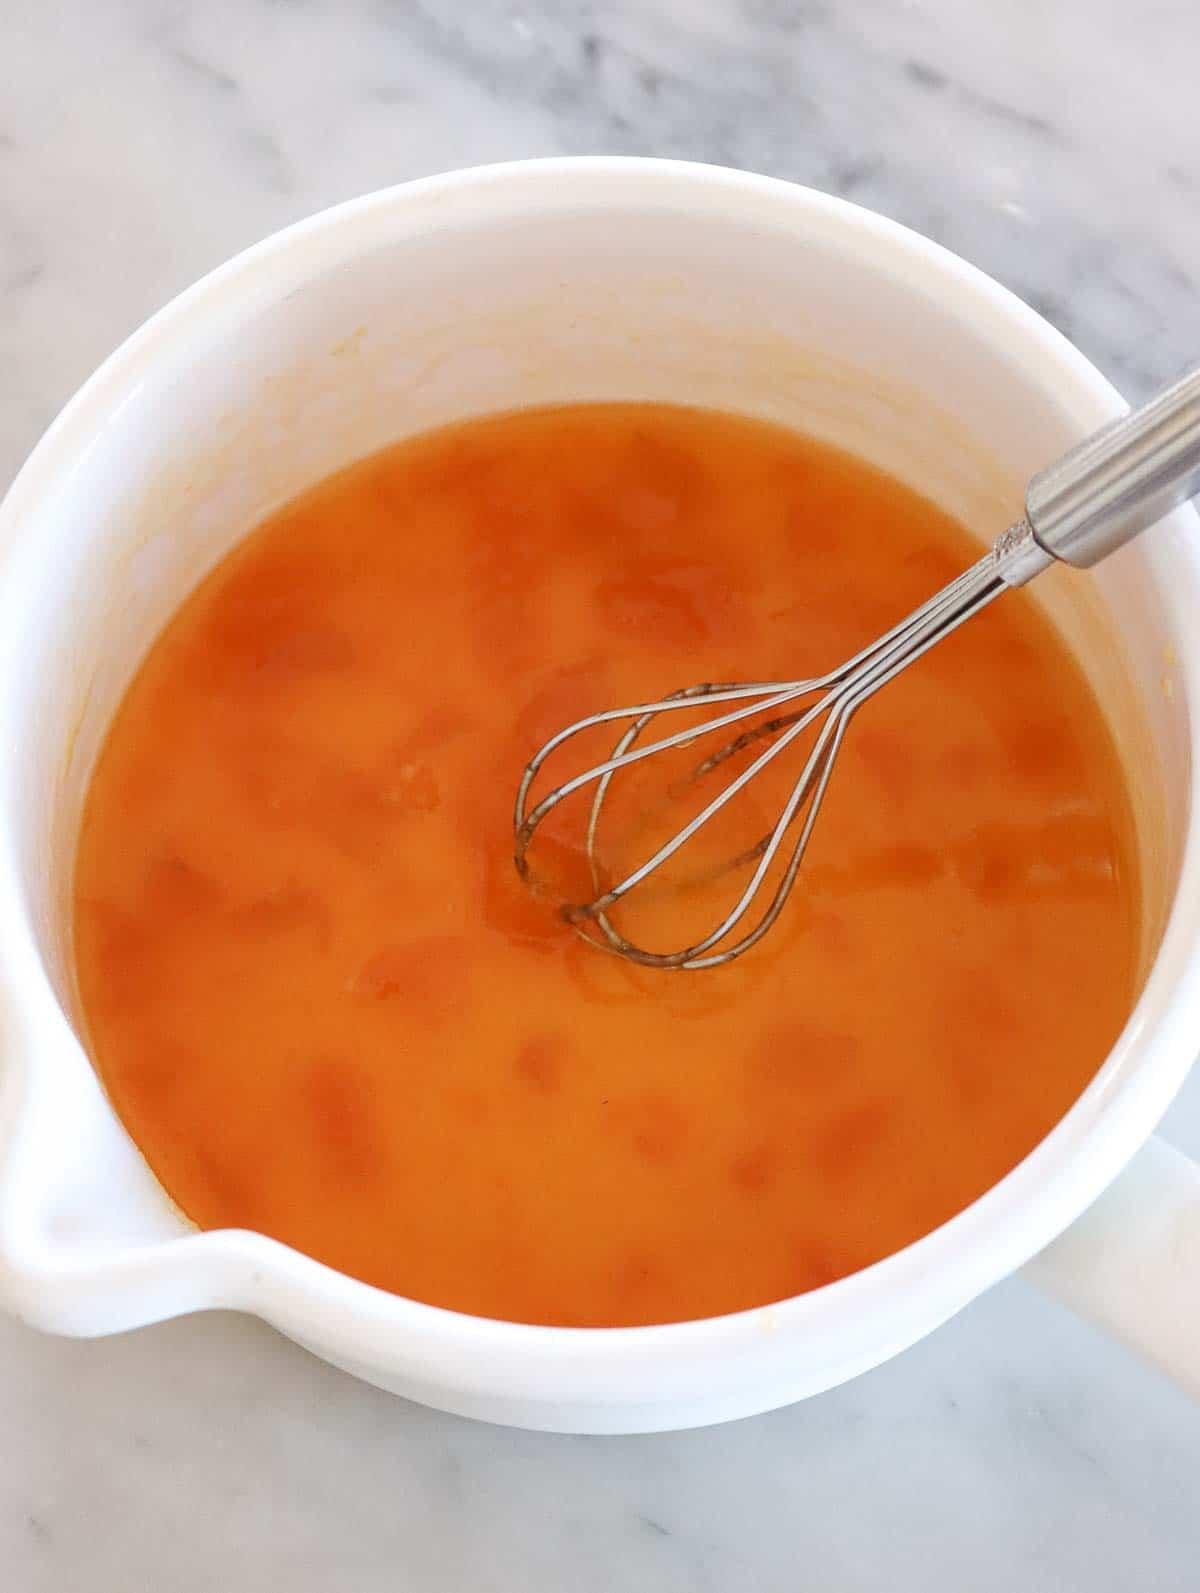 marmellata di albicocche sciolta con acqua